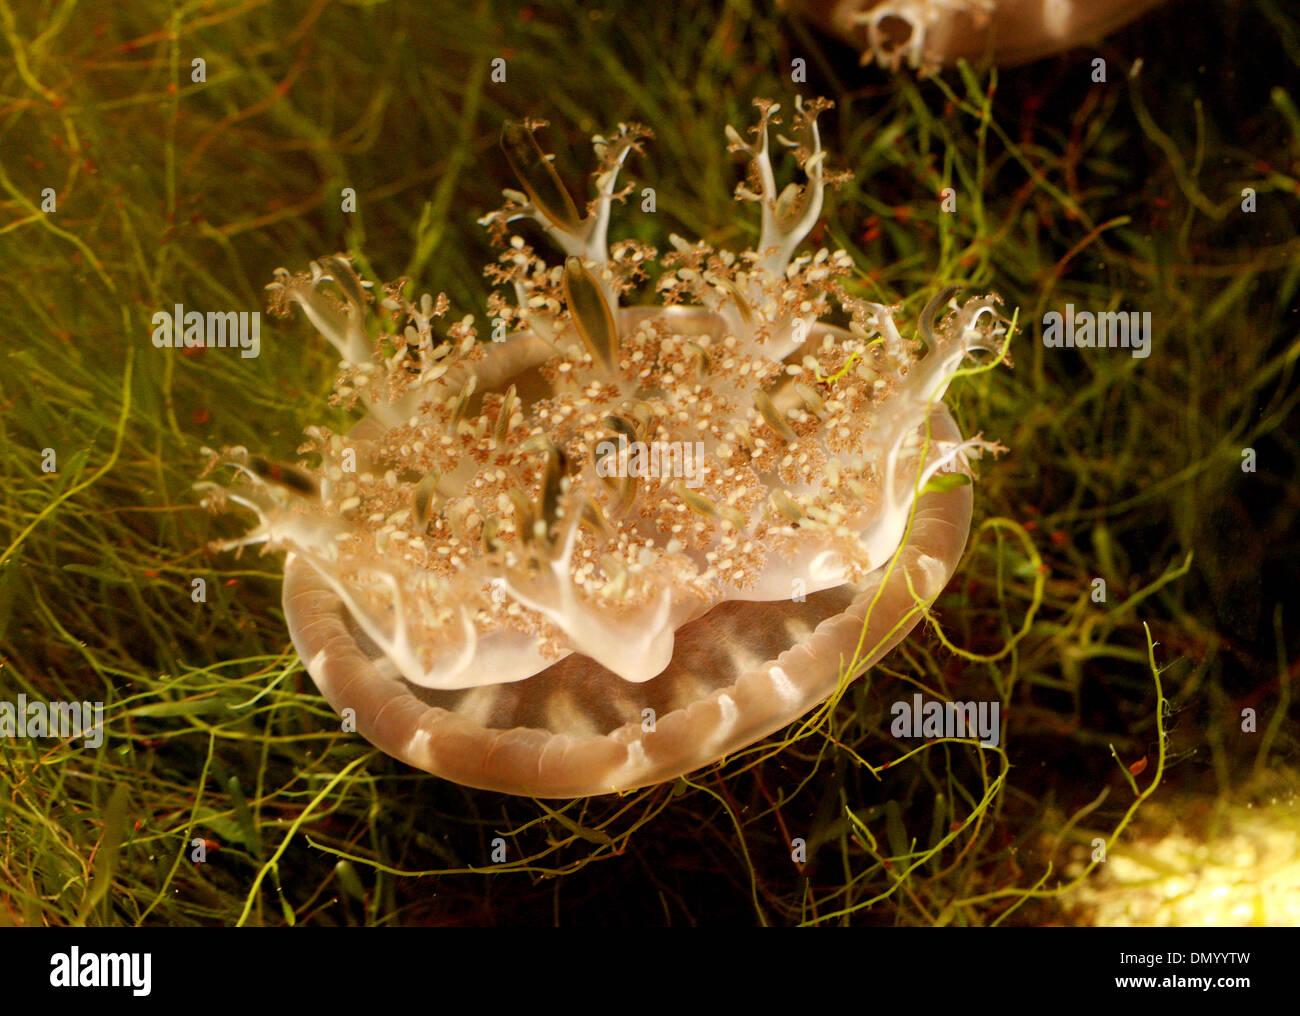 Rhizostomeae Stock Photos & Rhizostomeae Stock Images - Alamy